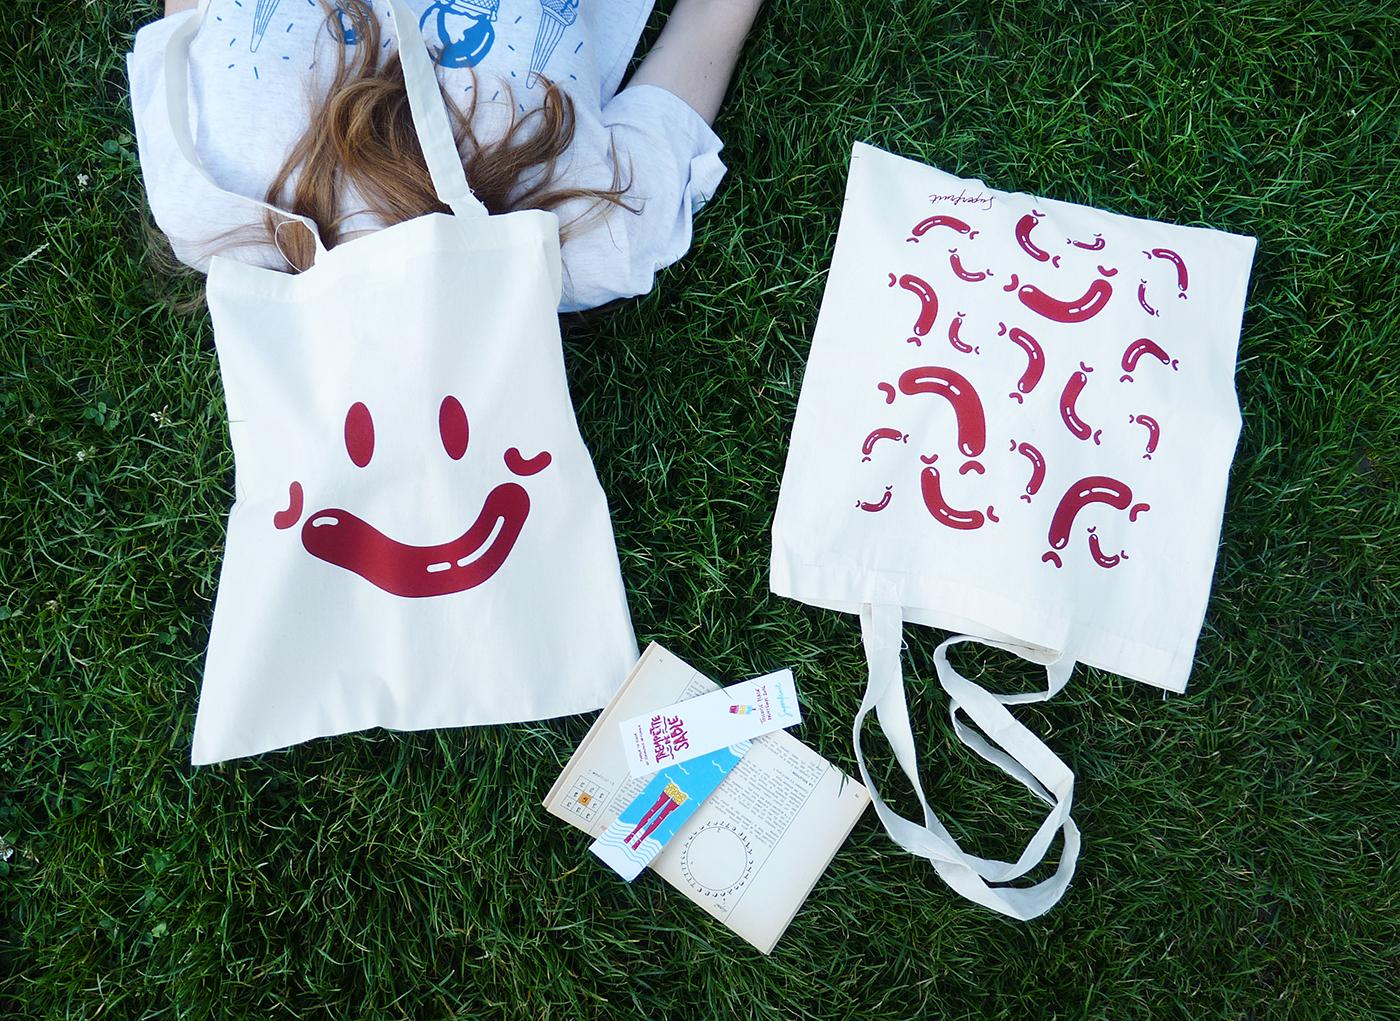 Tote bags recto verso avec all over de saucisse et smiley wurst posés dans l'herbe. Marques pages colorés posés dans un livre.